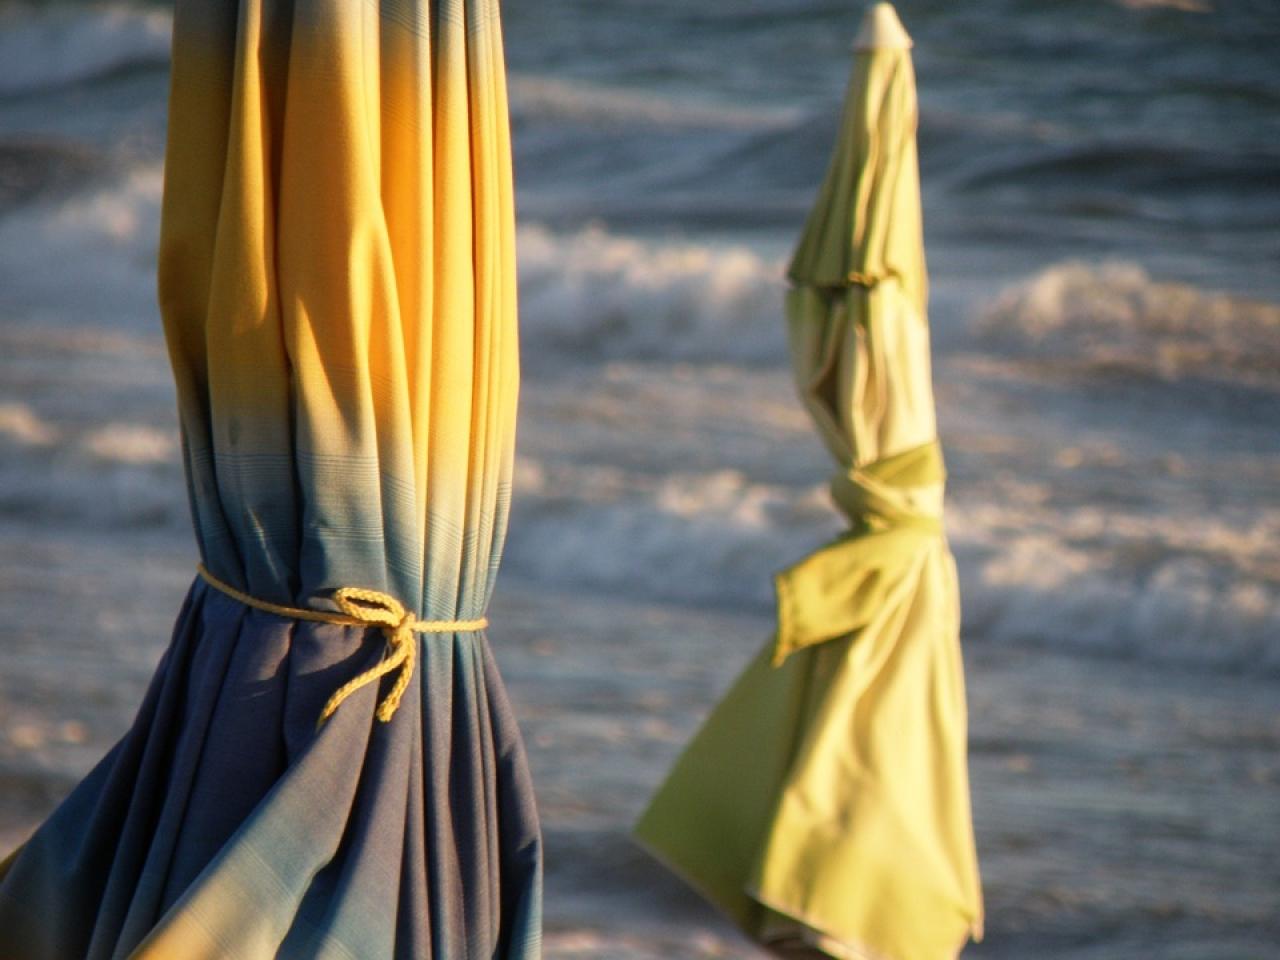 Zdjęcie główne #85 - Namiot plażowy czy parasol? Co wybrać do ochrony przed słońcem na plaży?